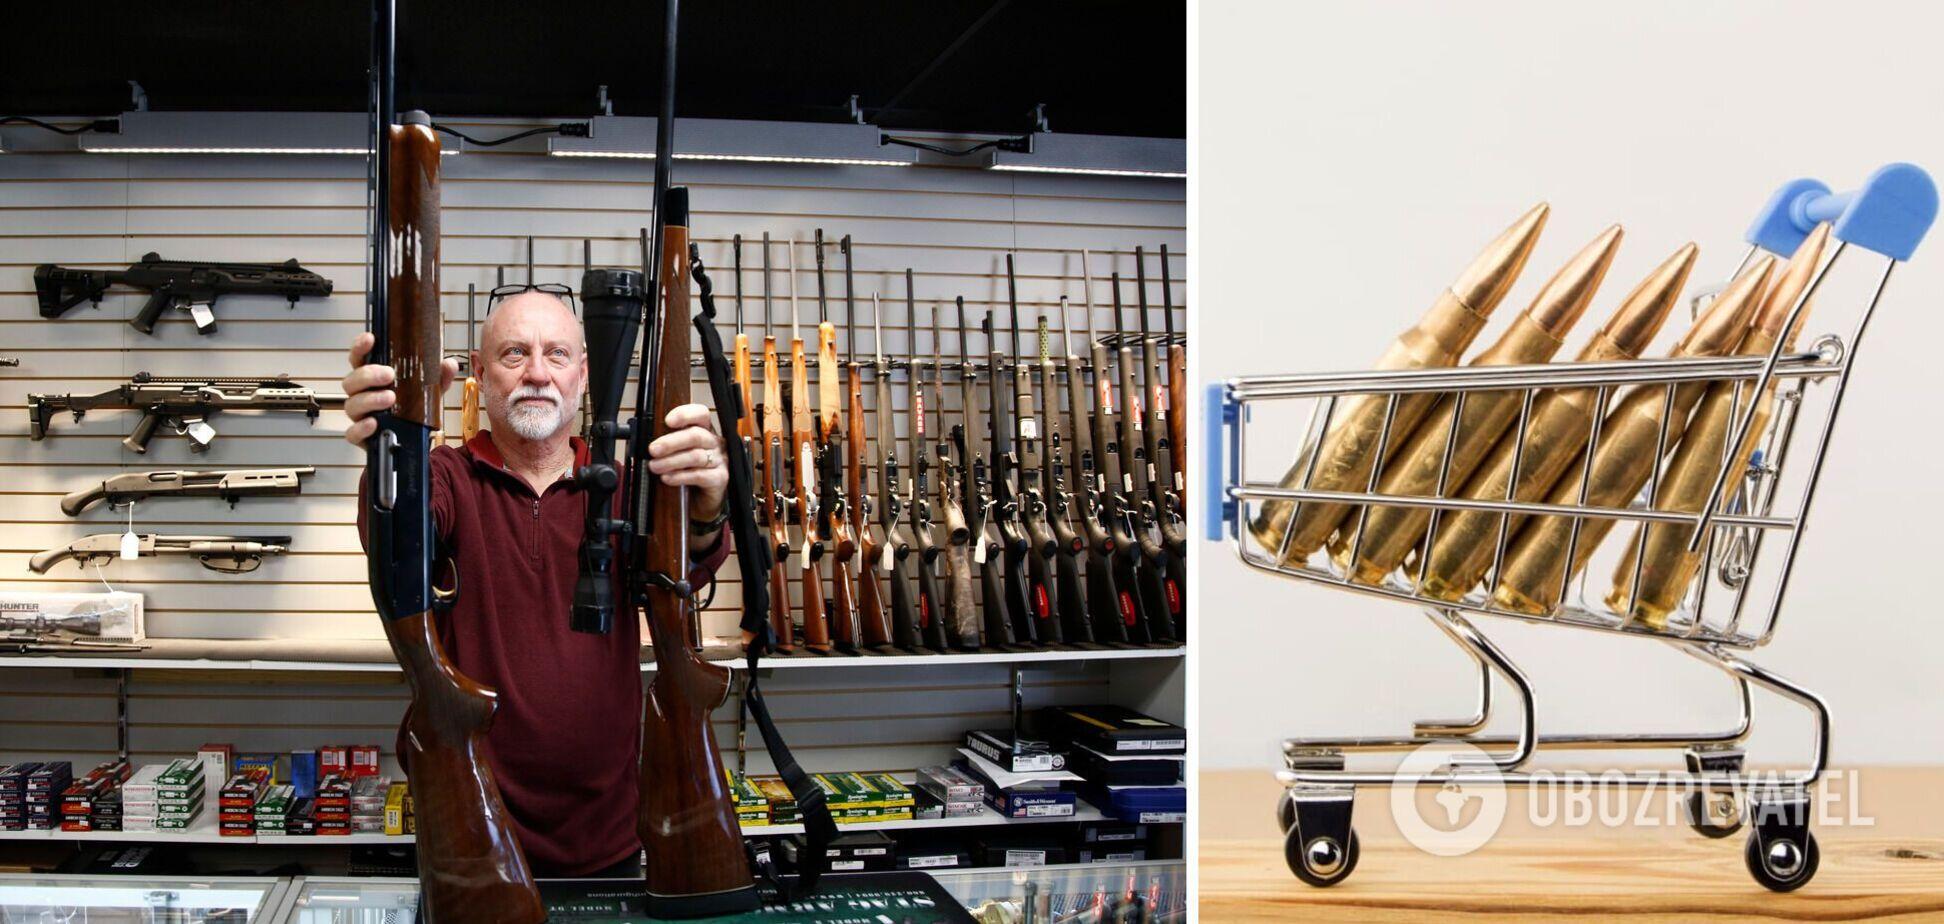 Носить при себе или держать дома: разбор законопроектов о легализации оружия в Украине